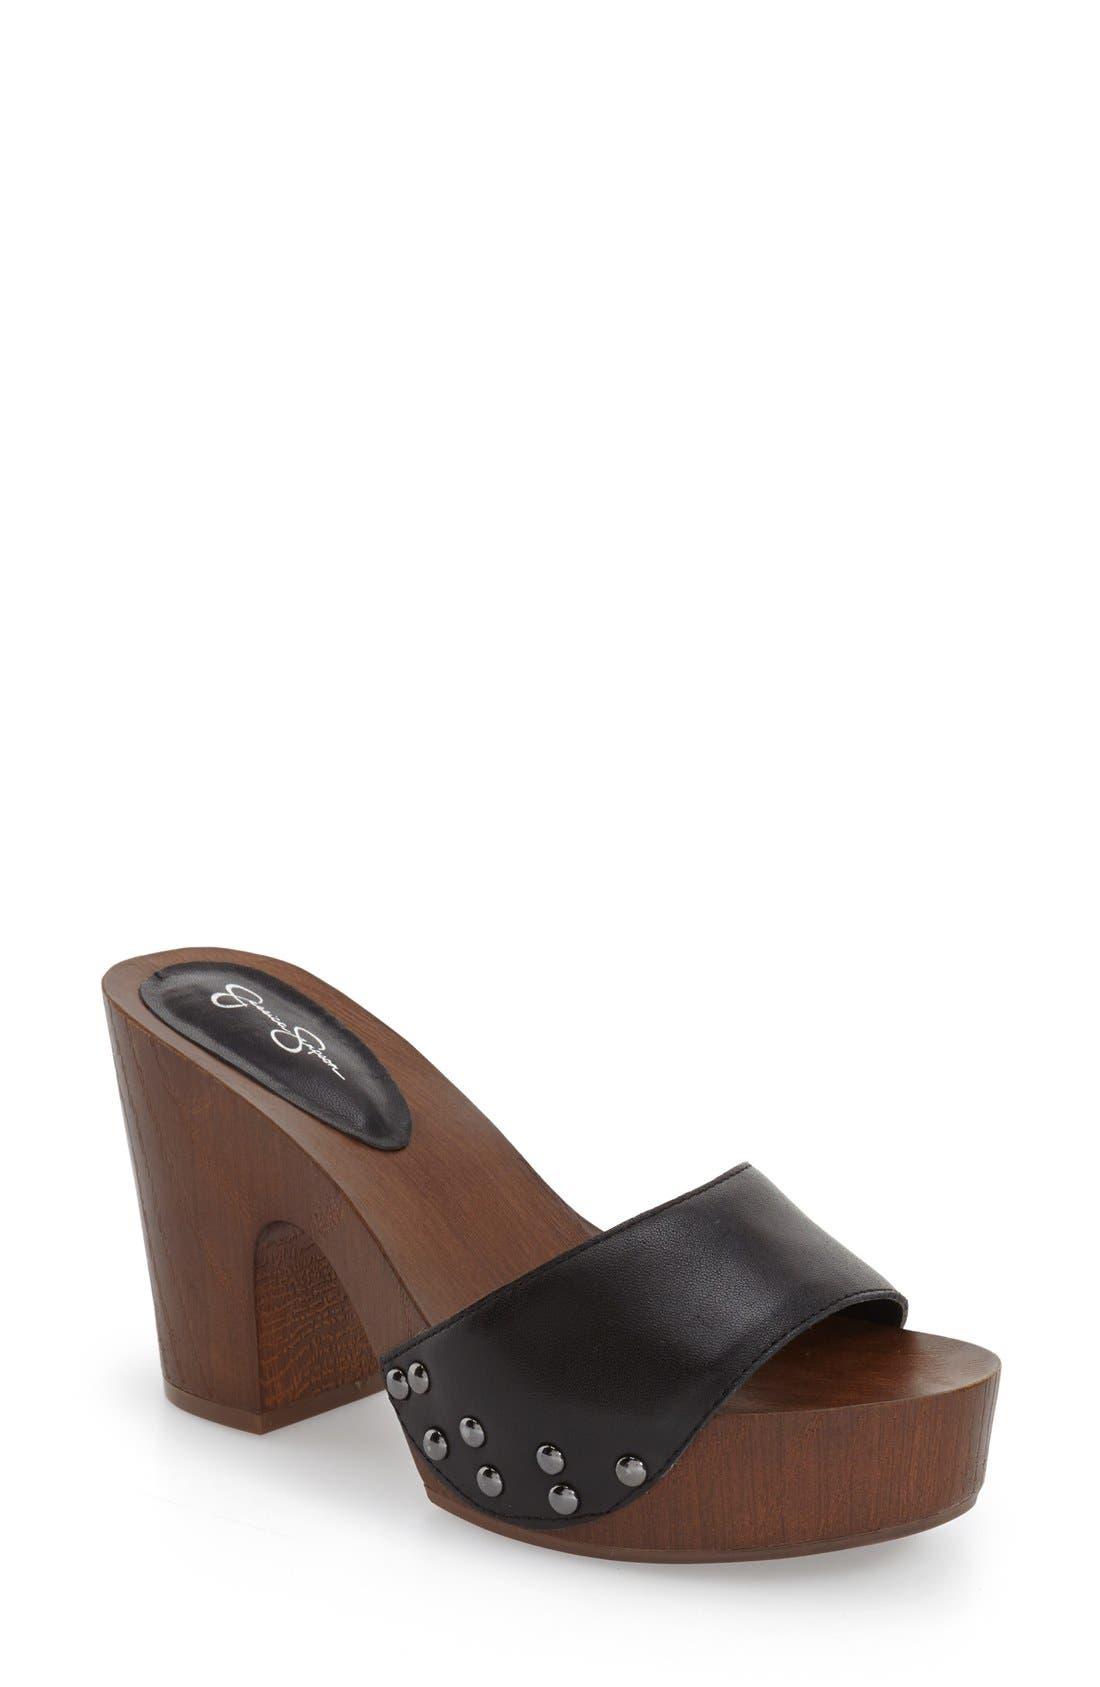 'Karema' Clog Platform Sandal,                             Main thumbnail 1, color,                             001